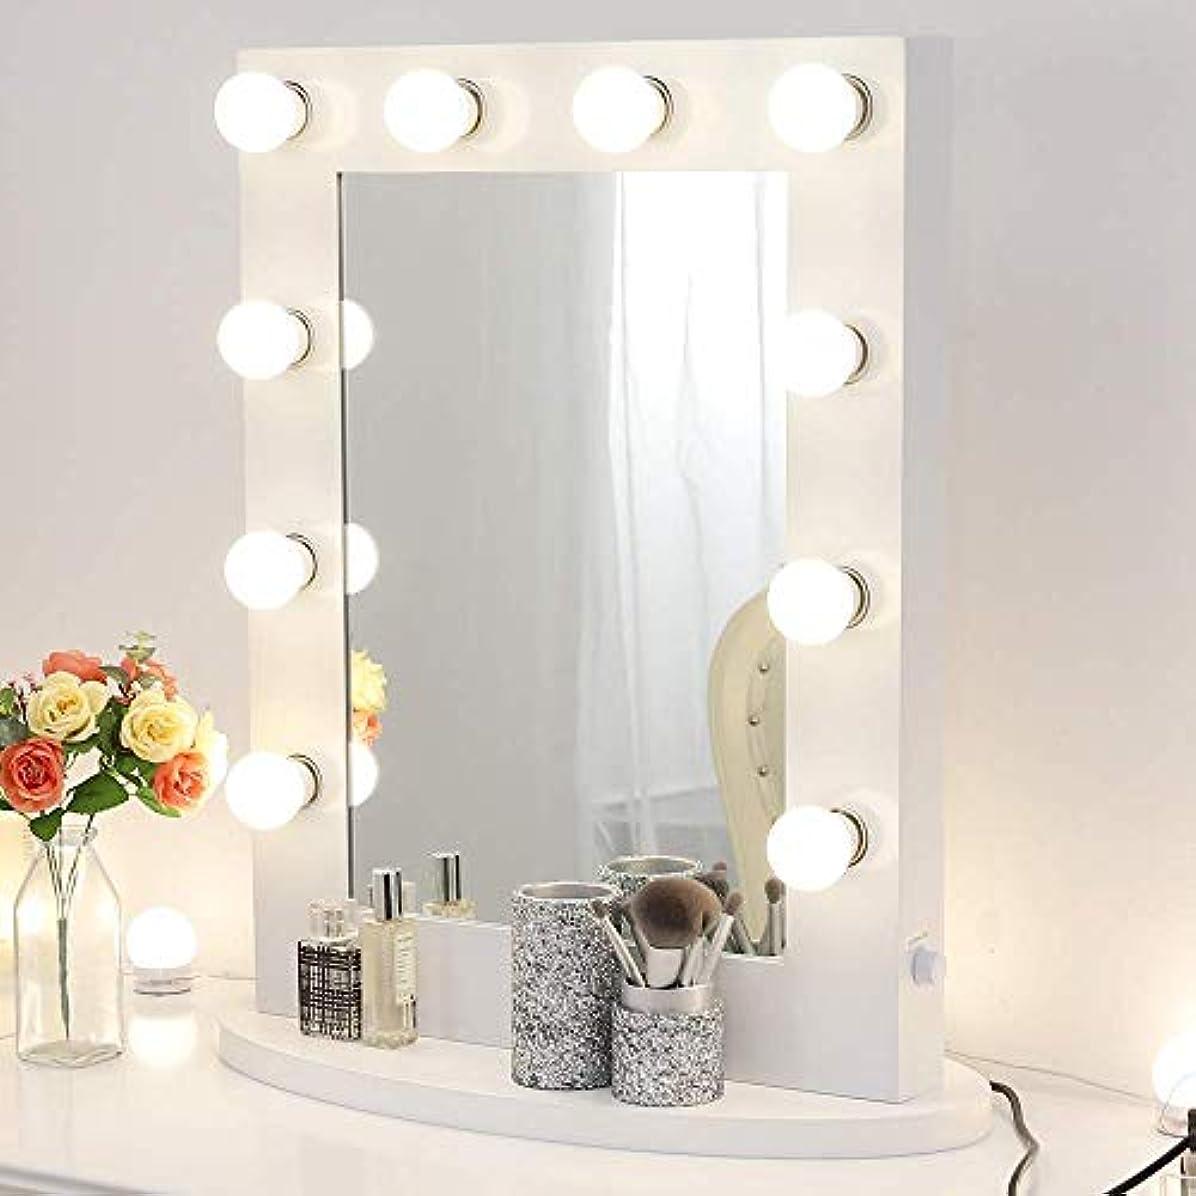 レンズ喉が渇いた礼拝女優ミラー 女優鏡 大型 壁掛け LED ライト付き コンセント付き 無段階調光 化粧鏡 ハリウッドミラー ドレッサー (ホワイト) (縦型6550)